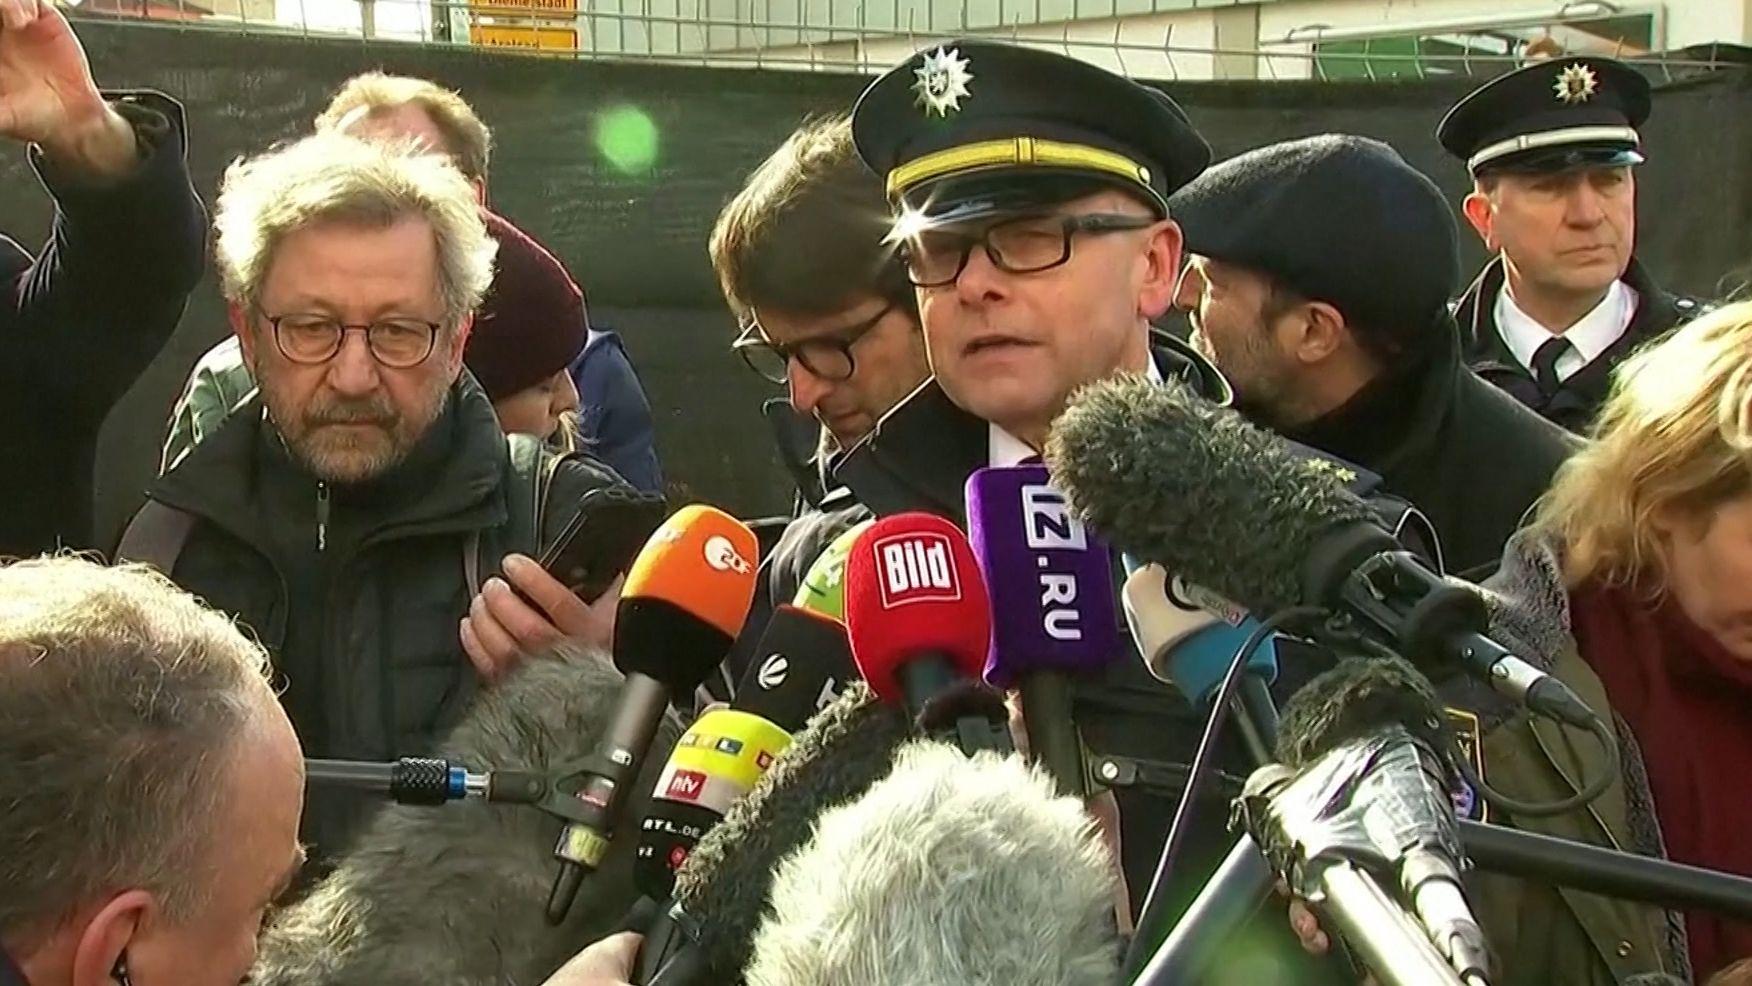 Polizeisprecher Henning Hinn erläutert am Tag anch der Amokfahrt von Volkmarsen den aktuellen Ermittlungsstand.